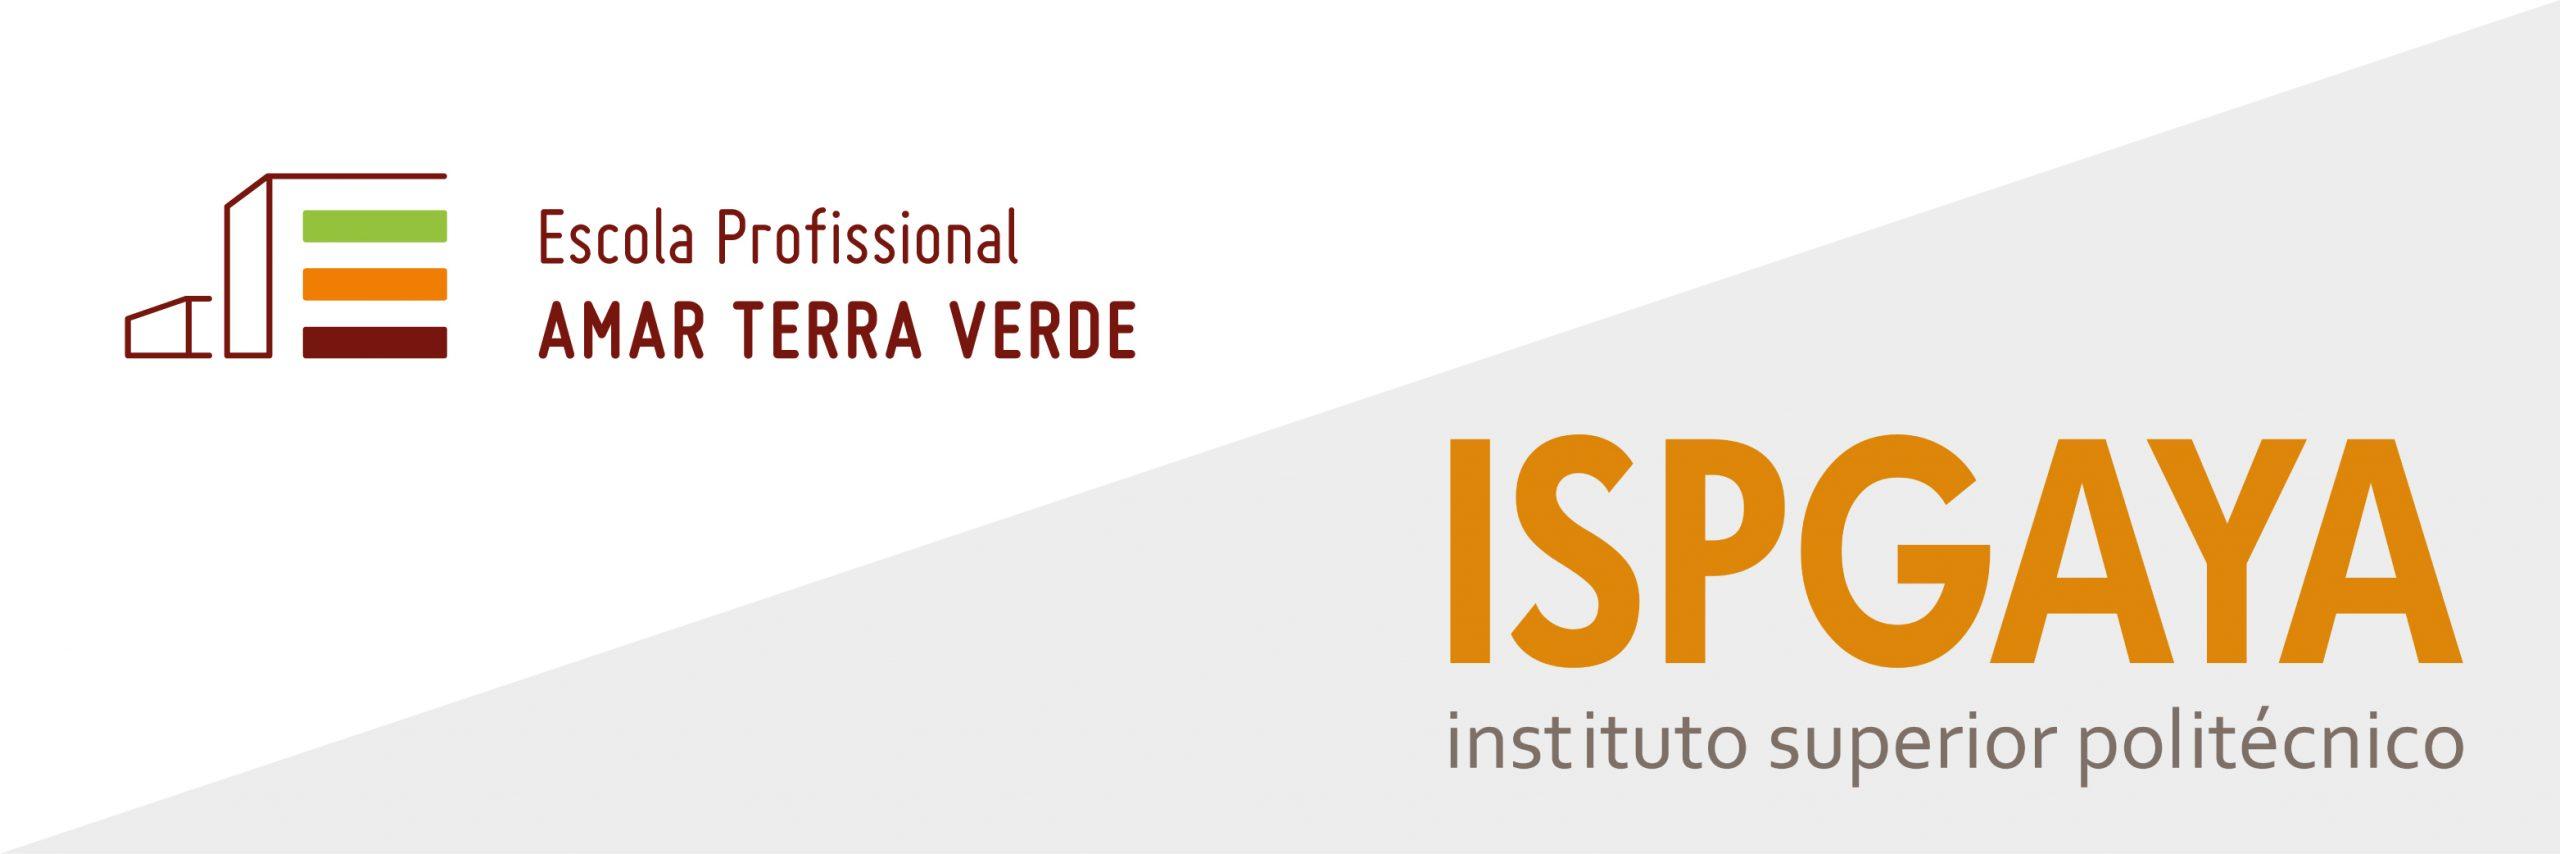 Escola Profissional Amar Terra Verde celebra cooperação com ISPGAY